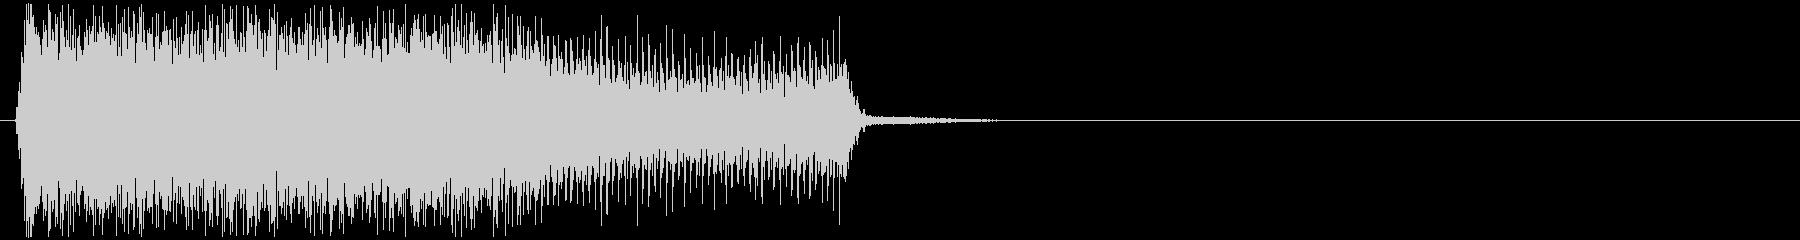 ビリビリ(帯電、静電気、チャージ)の未再生の波形